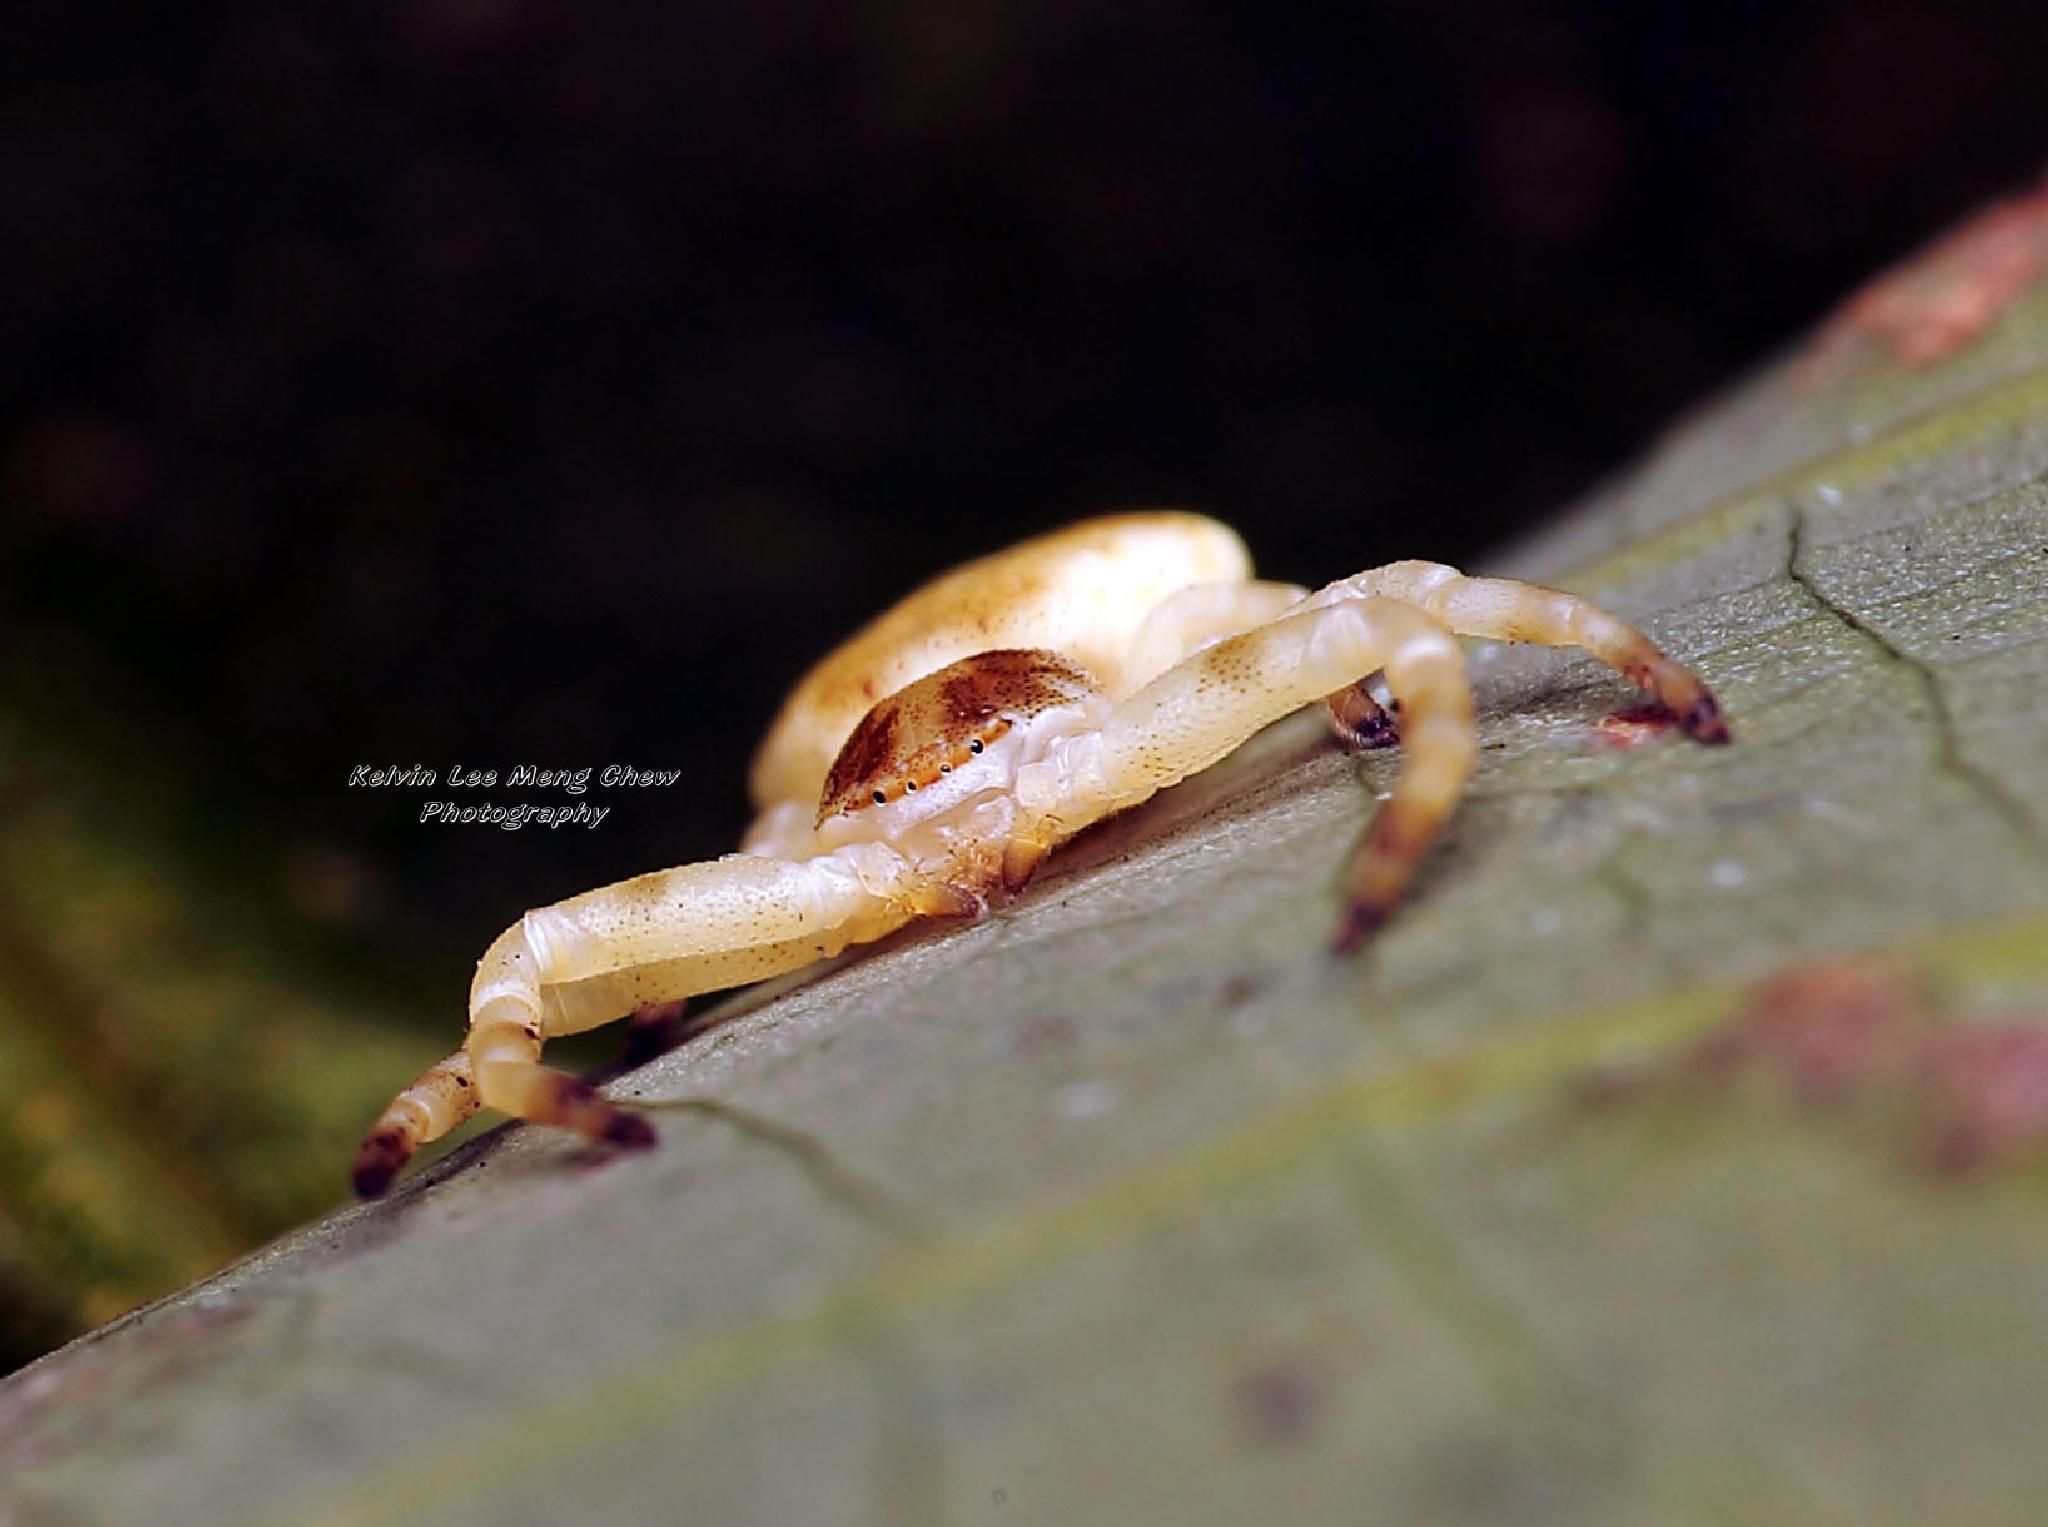 Crab spider by Kelvin Lee